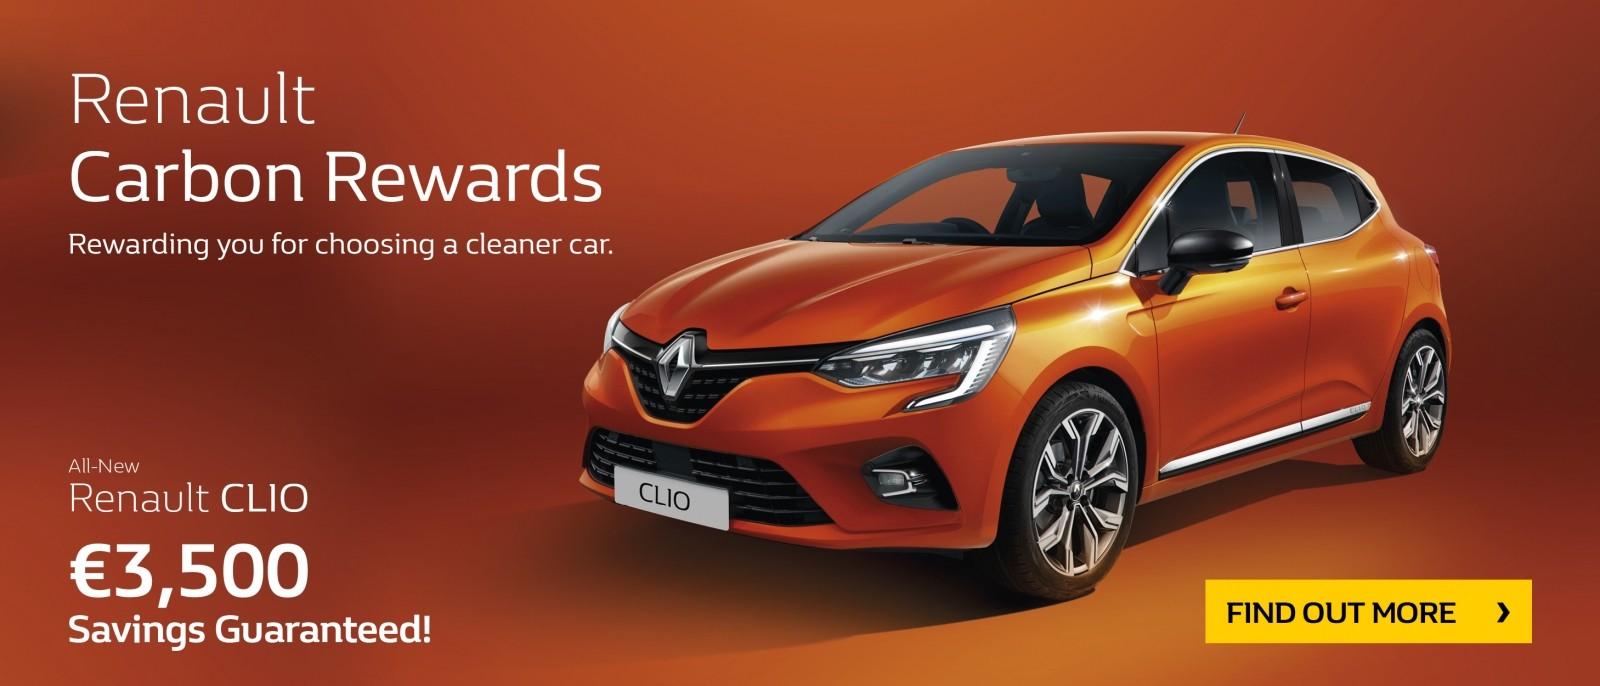 42041_AUTOIMAGE_Renault_Clio_V_Asset_Web_Banner_2917X1250